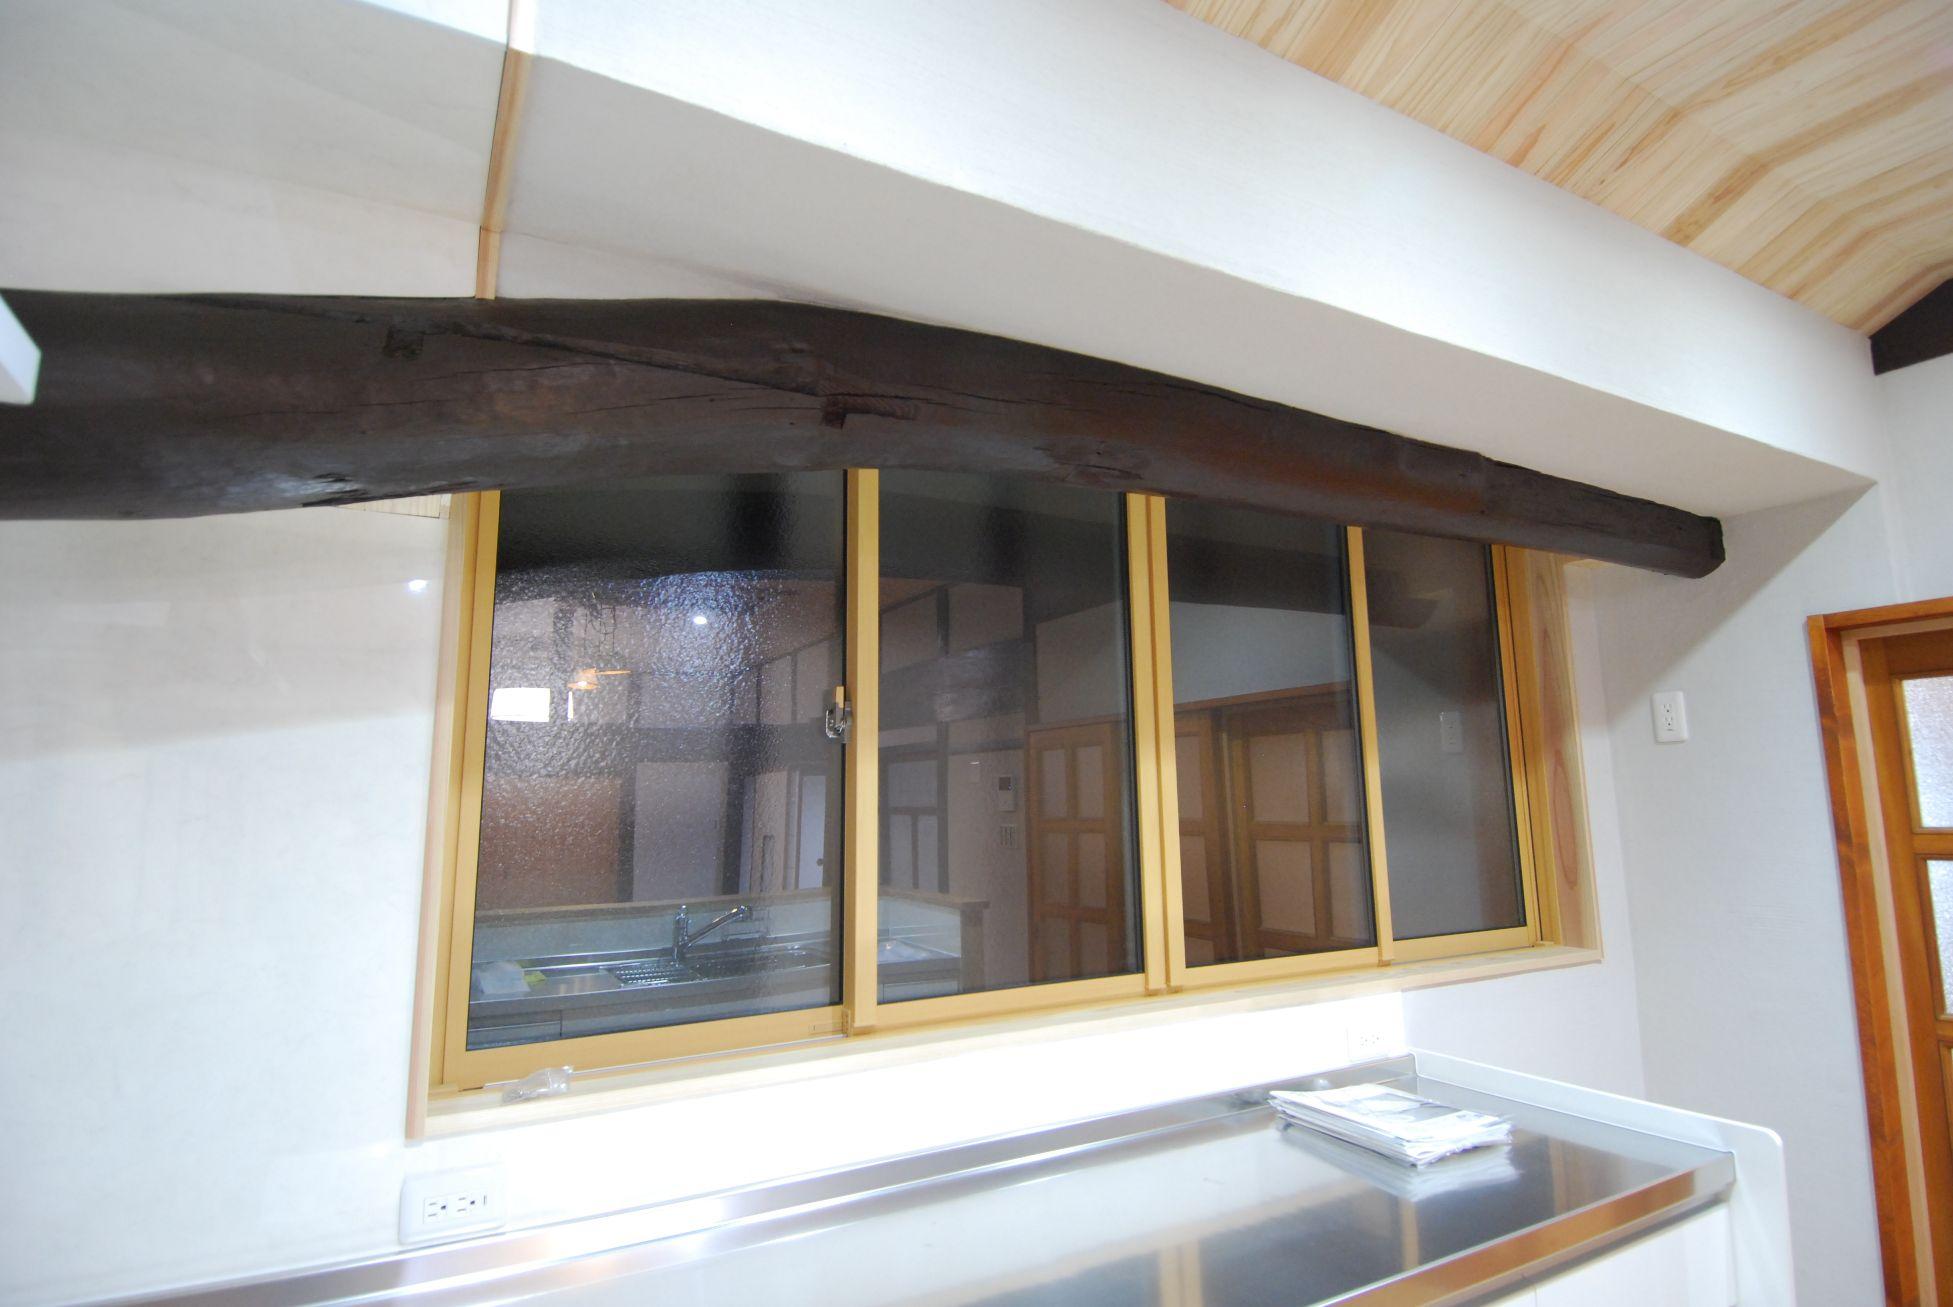 キッチンを明るくするために、圧迫感のあった吊戸棚はなくして、窓のサイズを大きくしました。